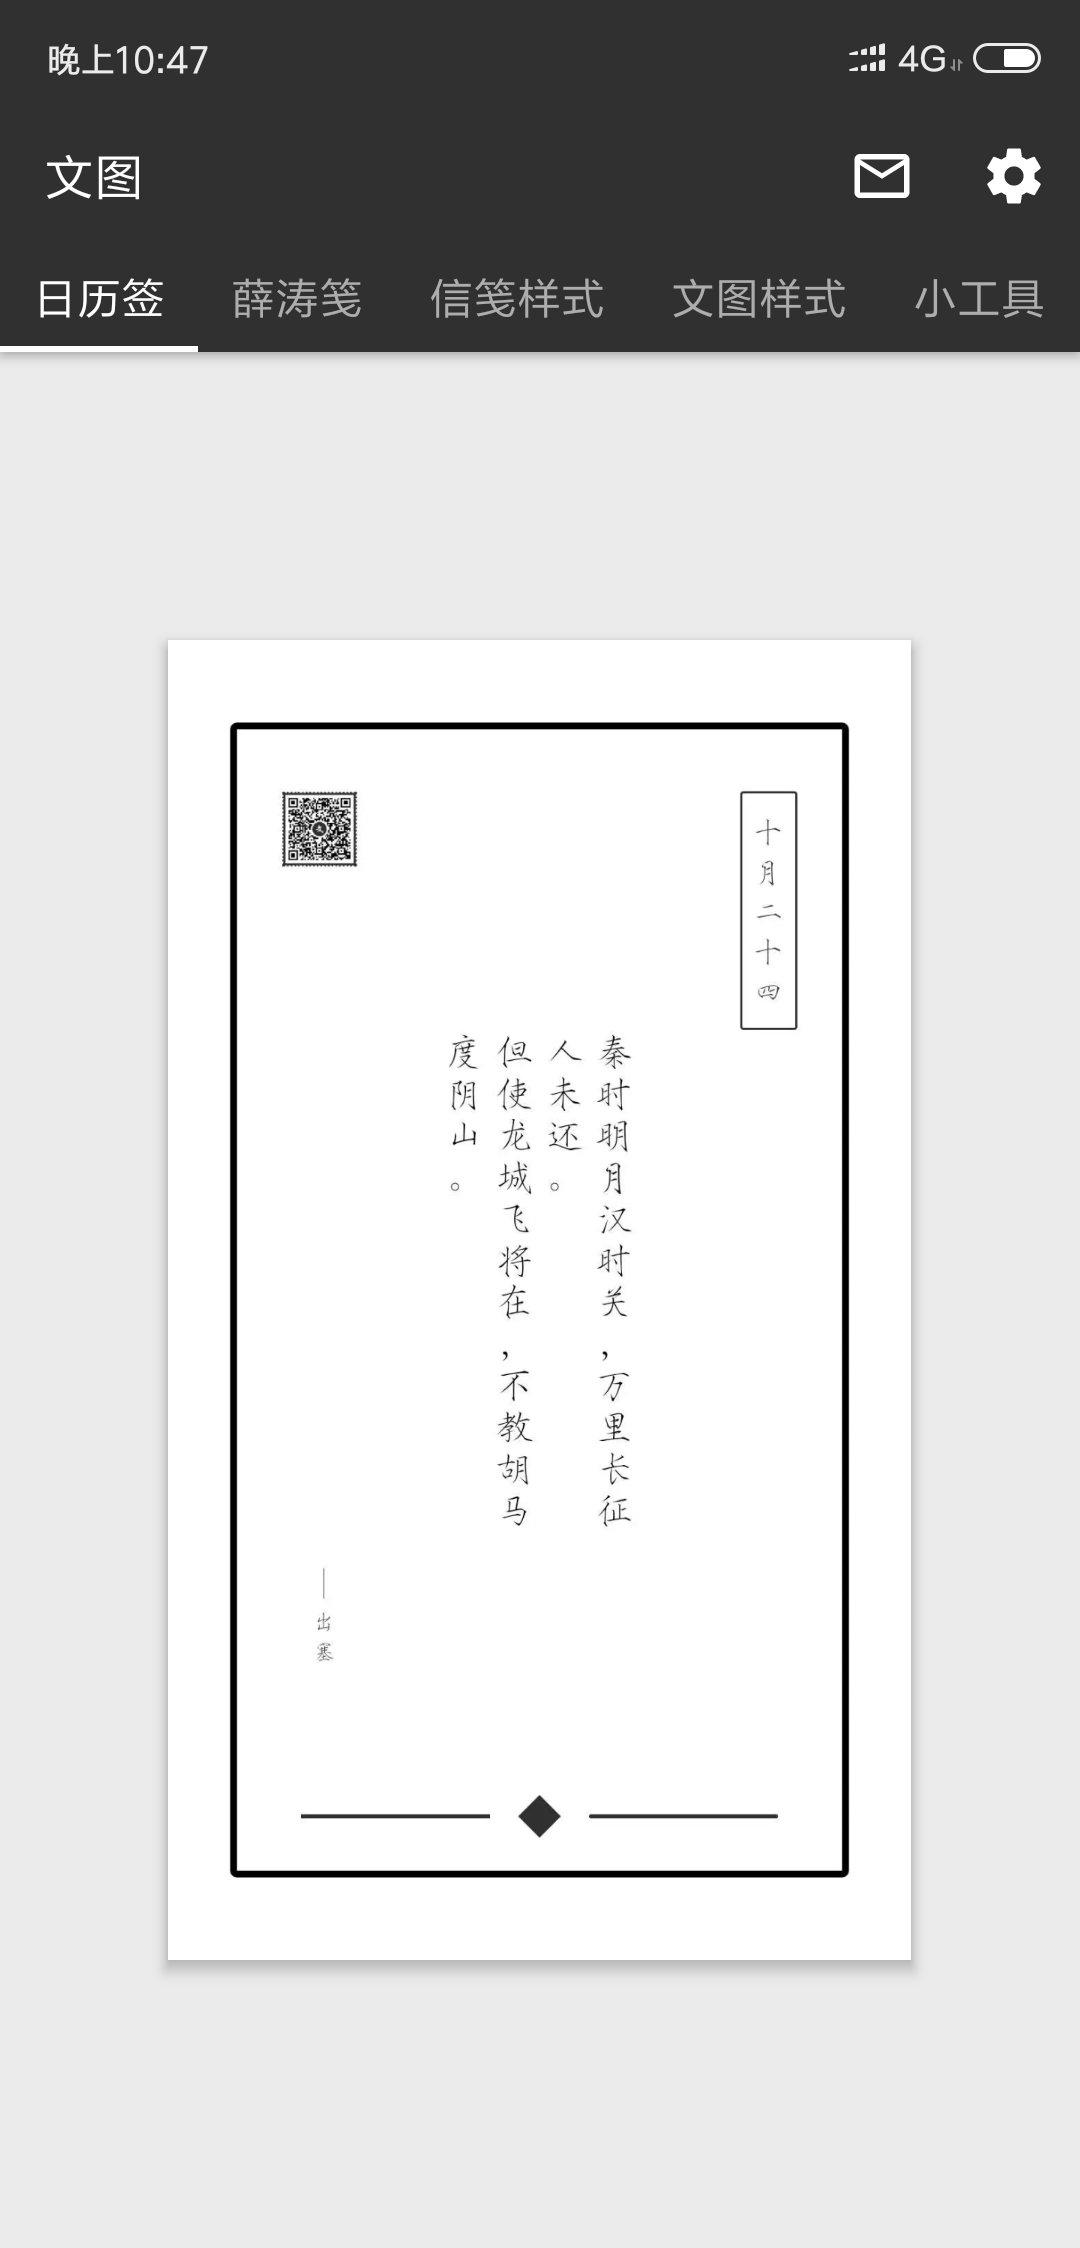 文图3.1.2